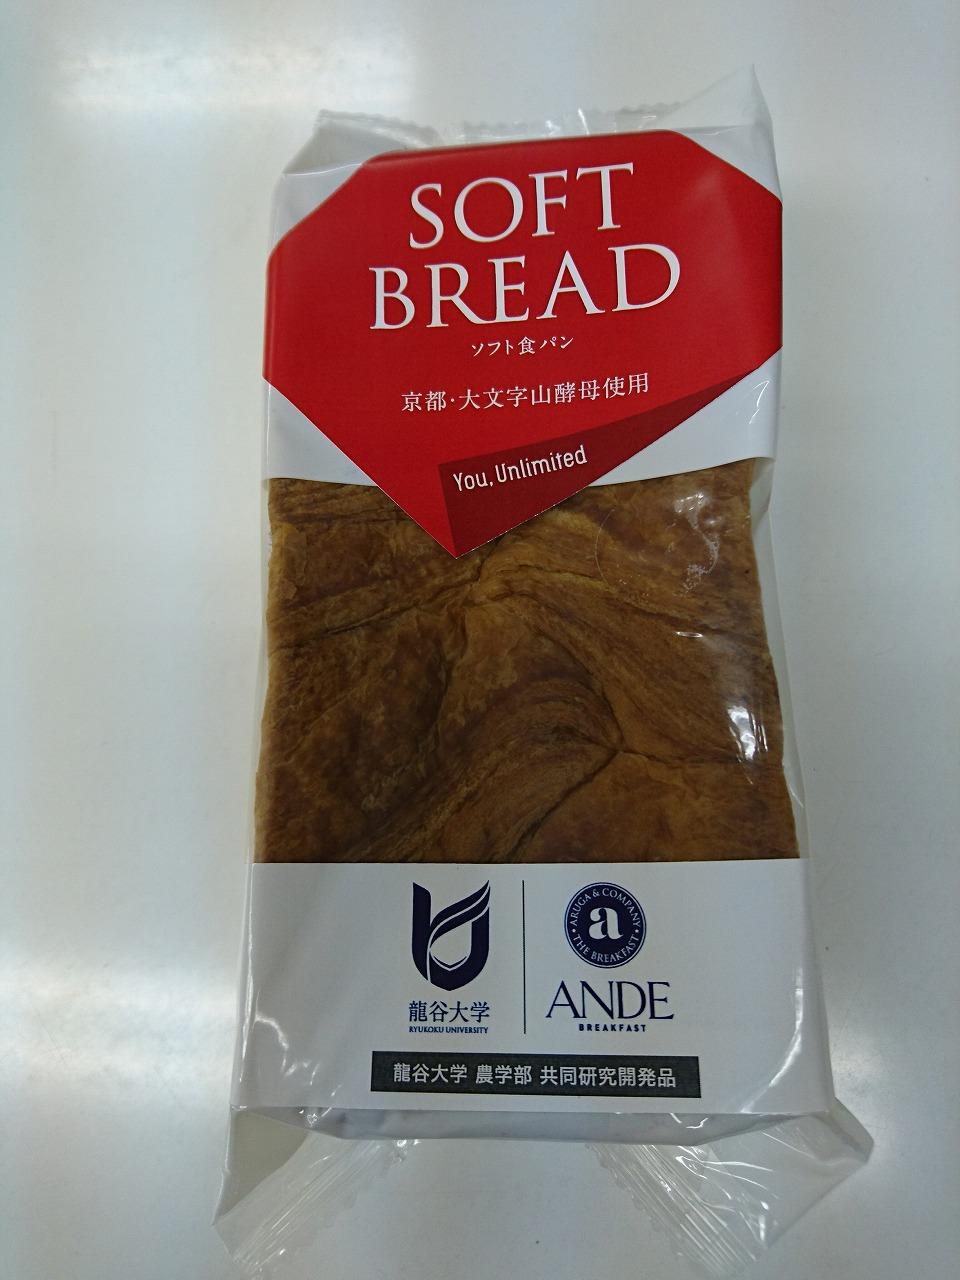 龍谷大学農学部とデニッシュ食パン専門店ANDEが大文字山で採取した酵母を使用した食パンを共同開発